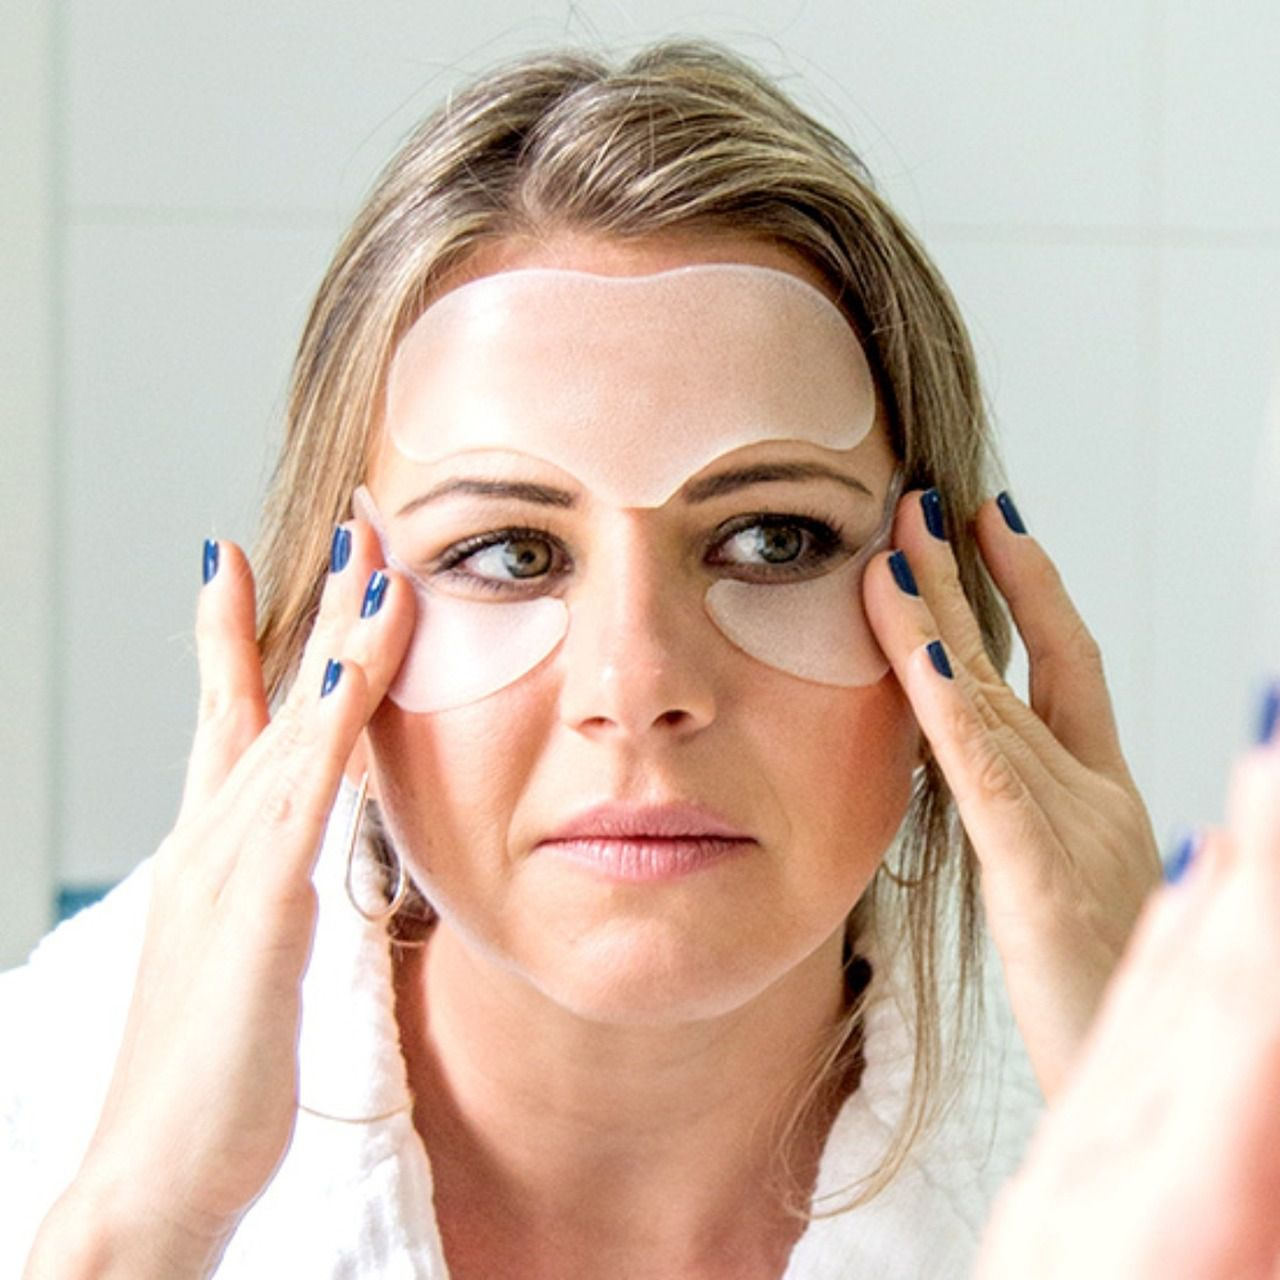 Antirrugas para o rosto Supérbia